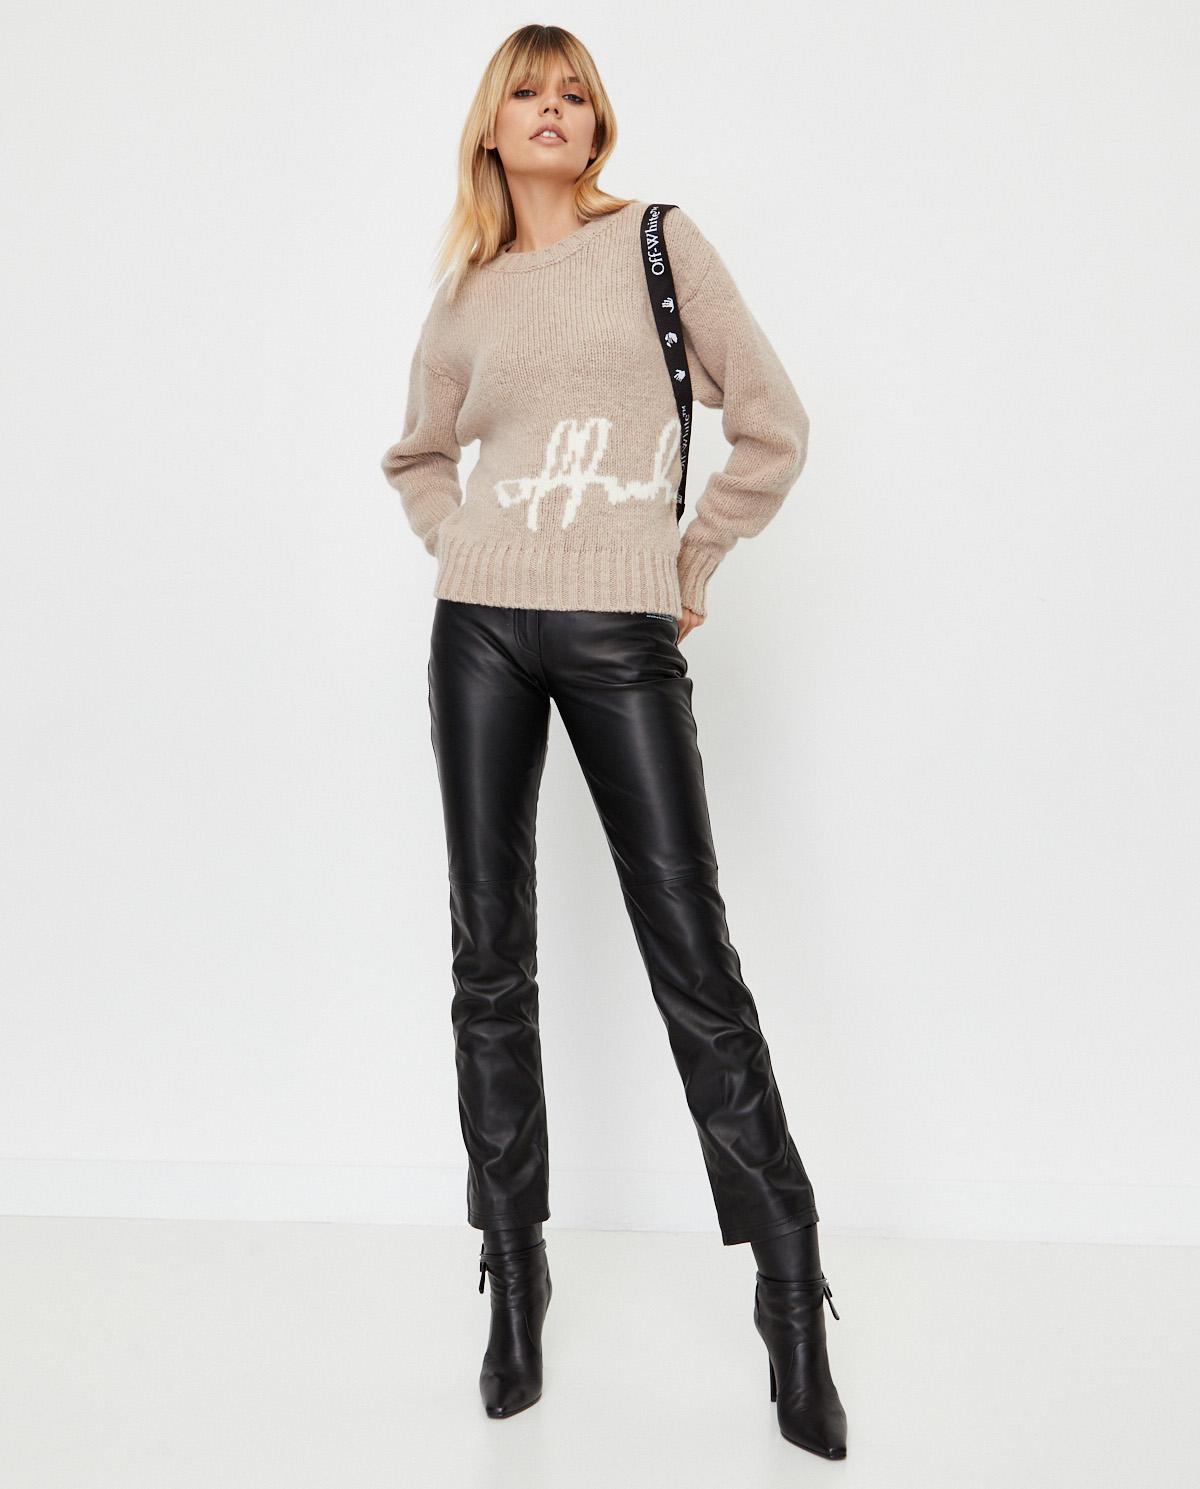 damski sweter Off-White w kolorze beżowym OWHE036E20KNI0036201